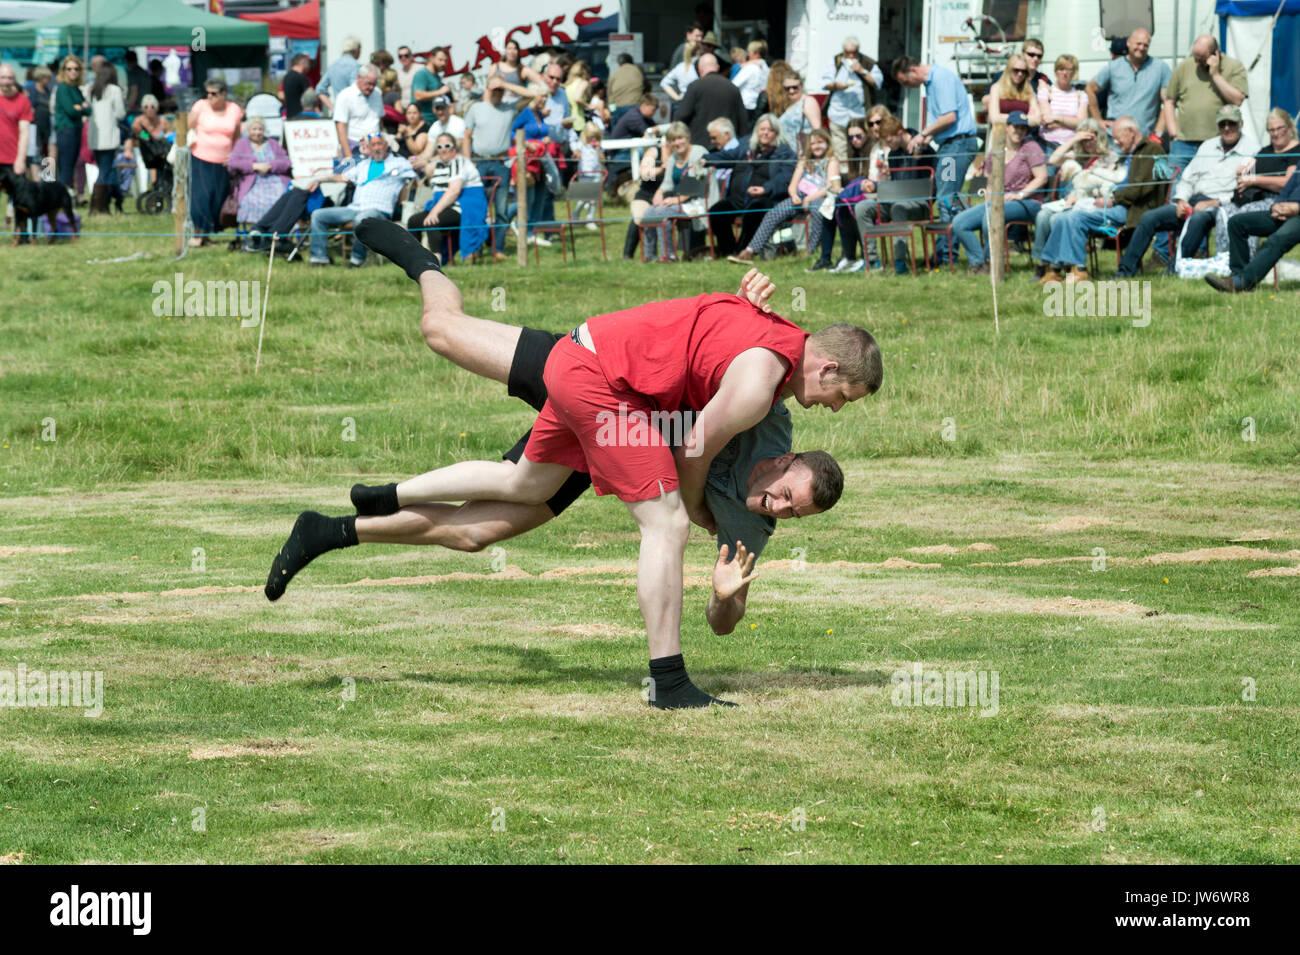 Appleby mostrano, Cumbria, Regno Unito. 10 Ago, 2017. Cumberland wrestling a Appleby annuale mostra, Cumbria, Regno Unito, 10 agosto 2017. Credito: John Bentley/Alamy Live News Immagini Stock